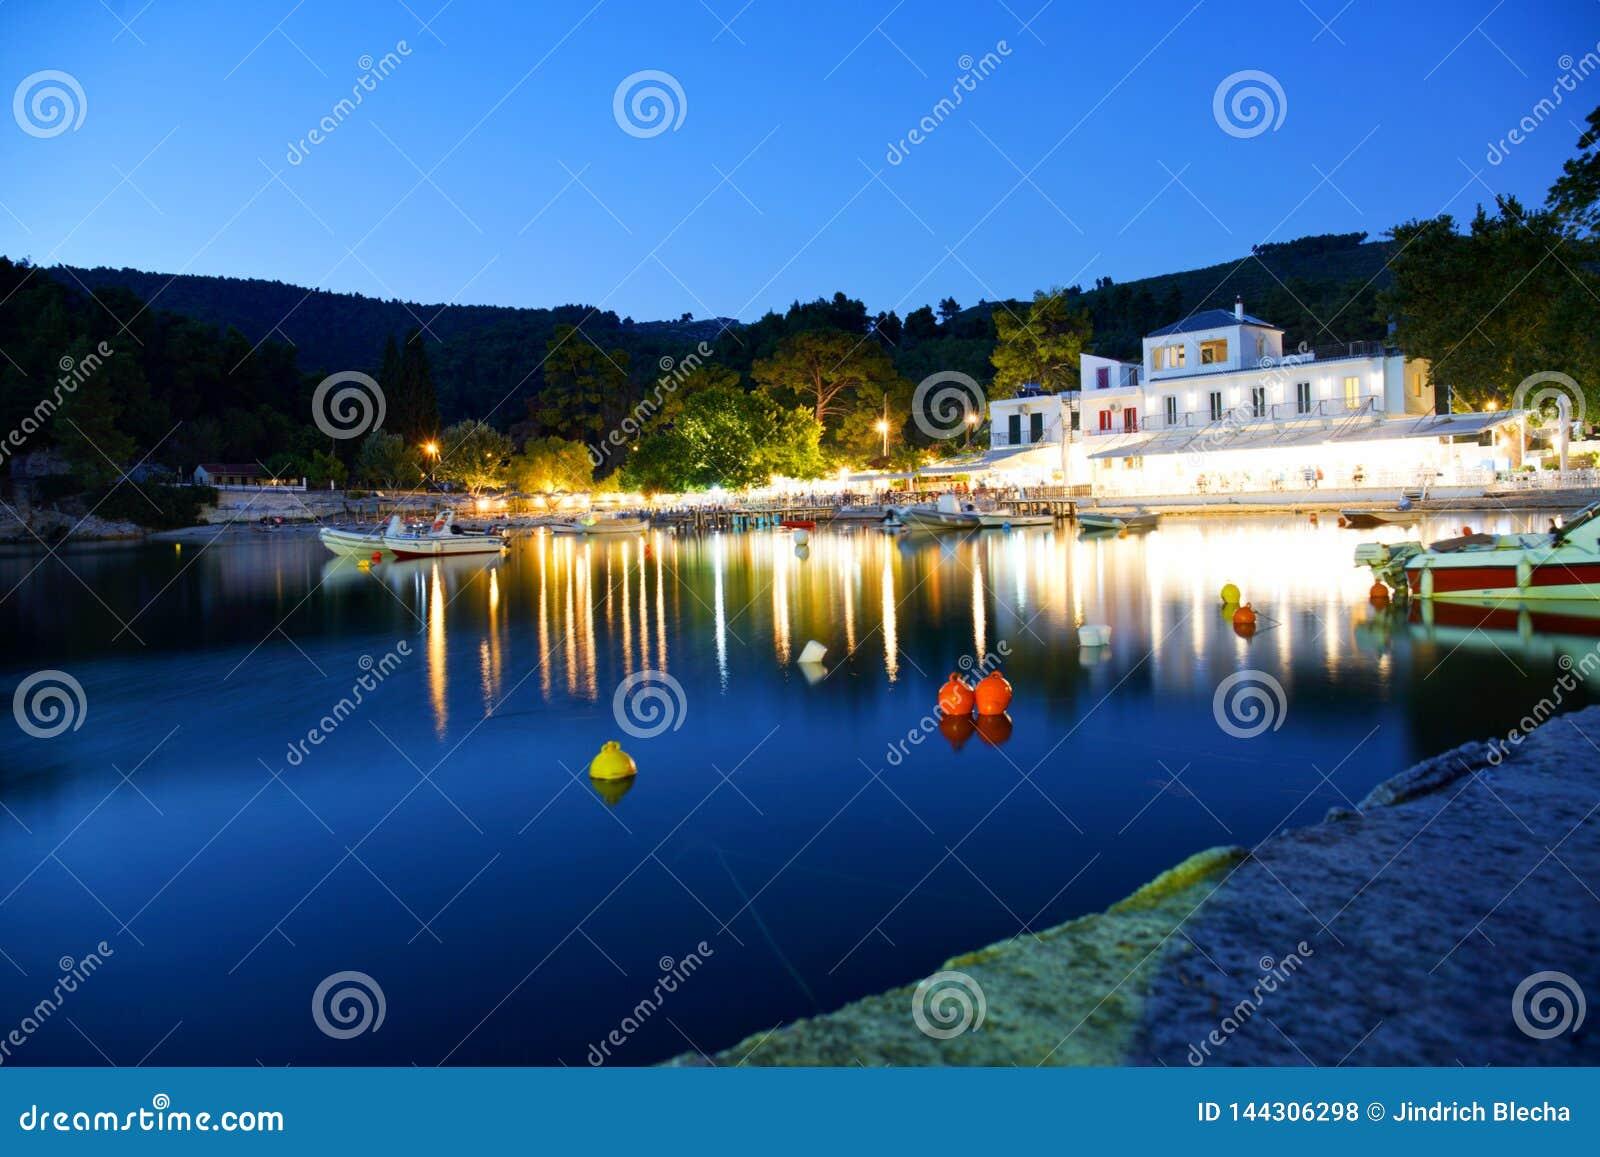 Agnontas-Strand und Bucht bei Sonnenuntergang, Skopelos, Griechenland